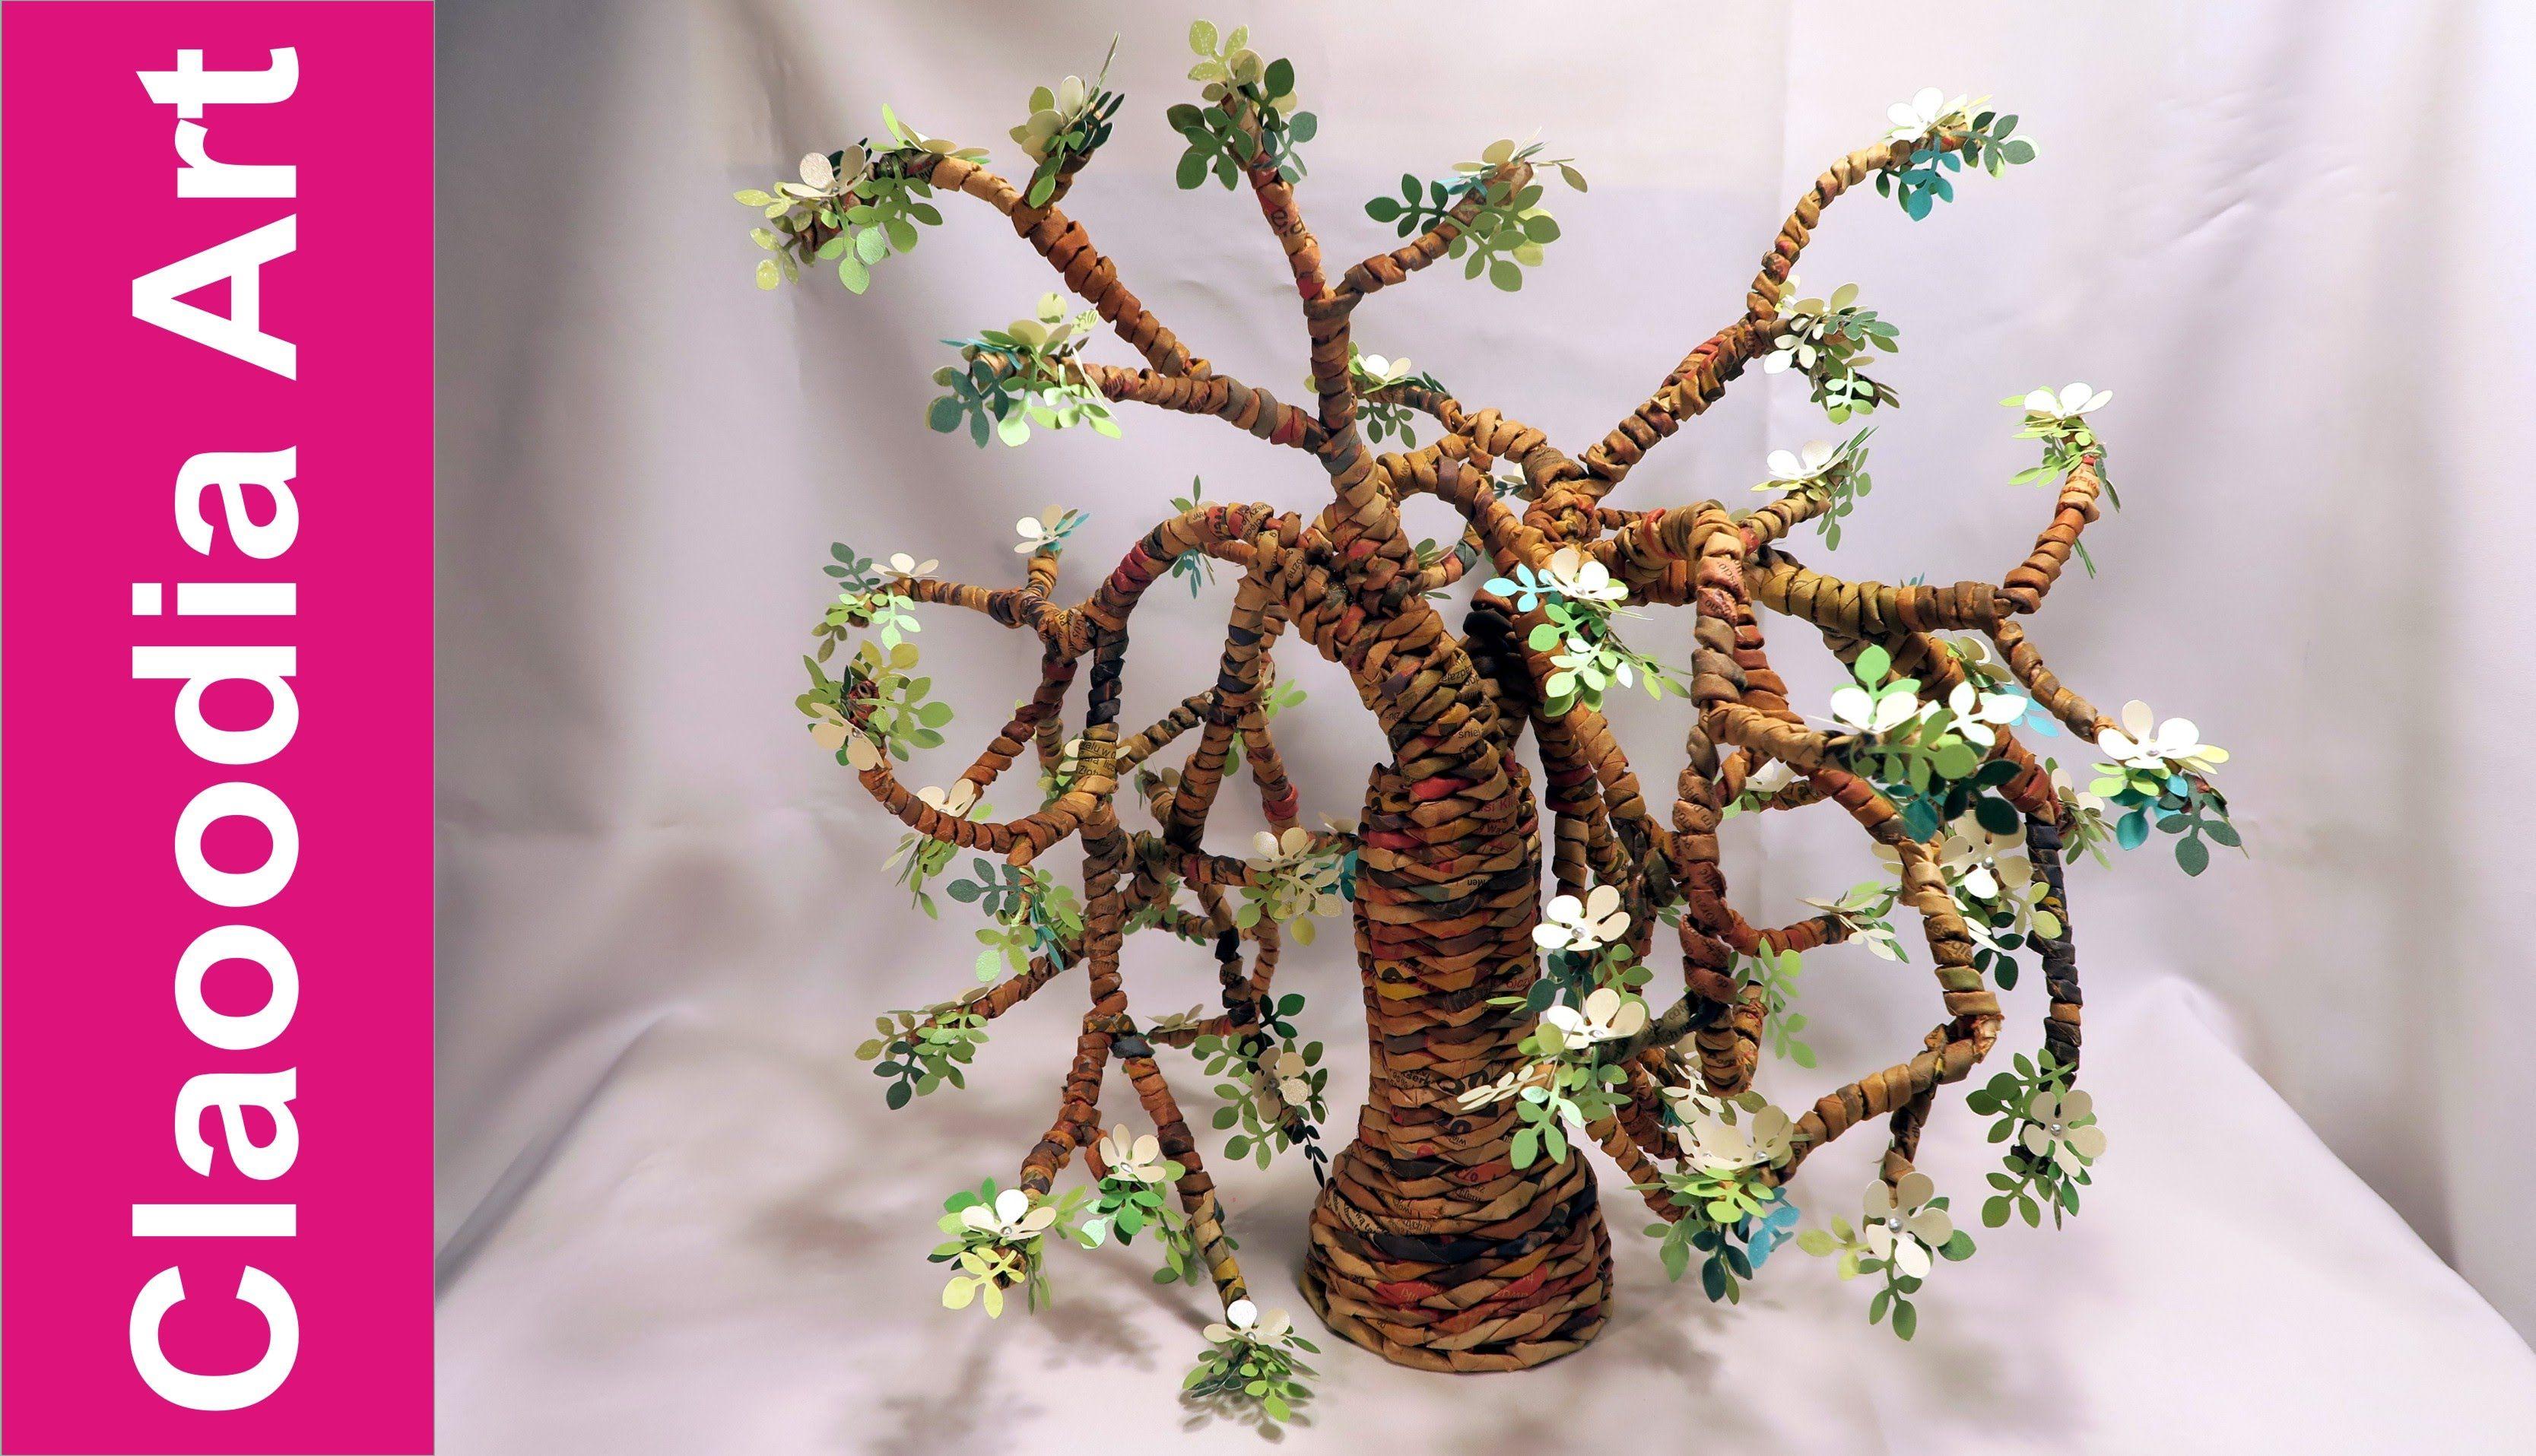 Drzewo Z Papierowej Wikliny Tree From Newspaper Wicker Paper Crafts Wicker Diy Paper